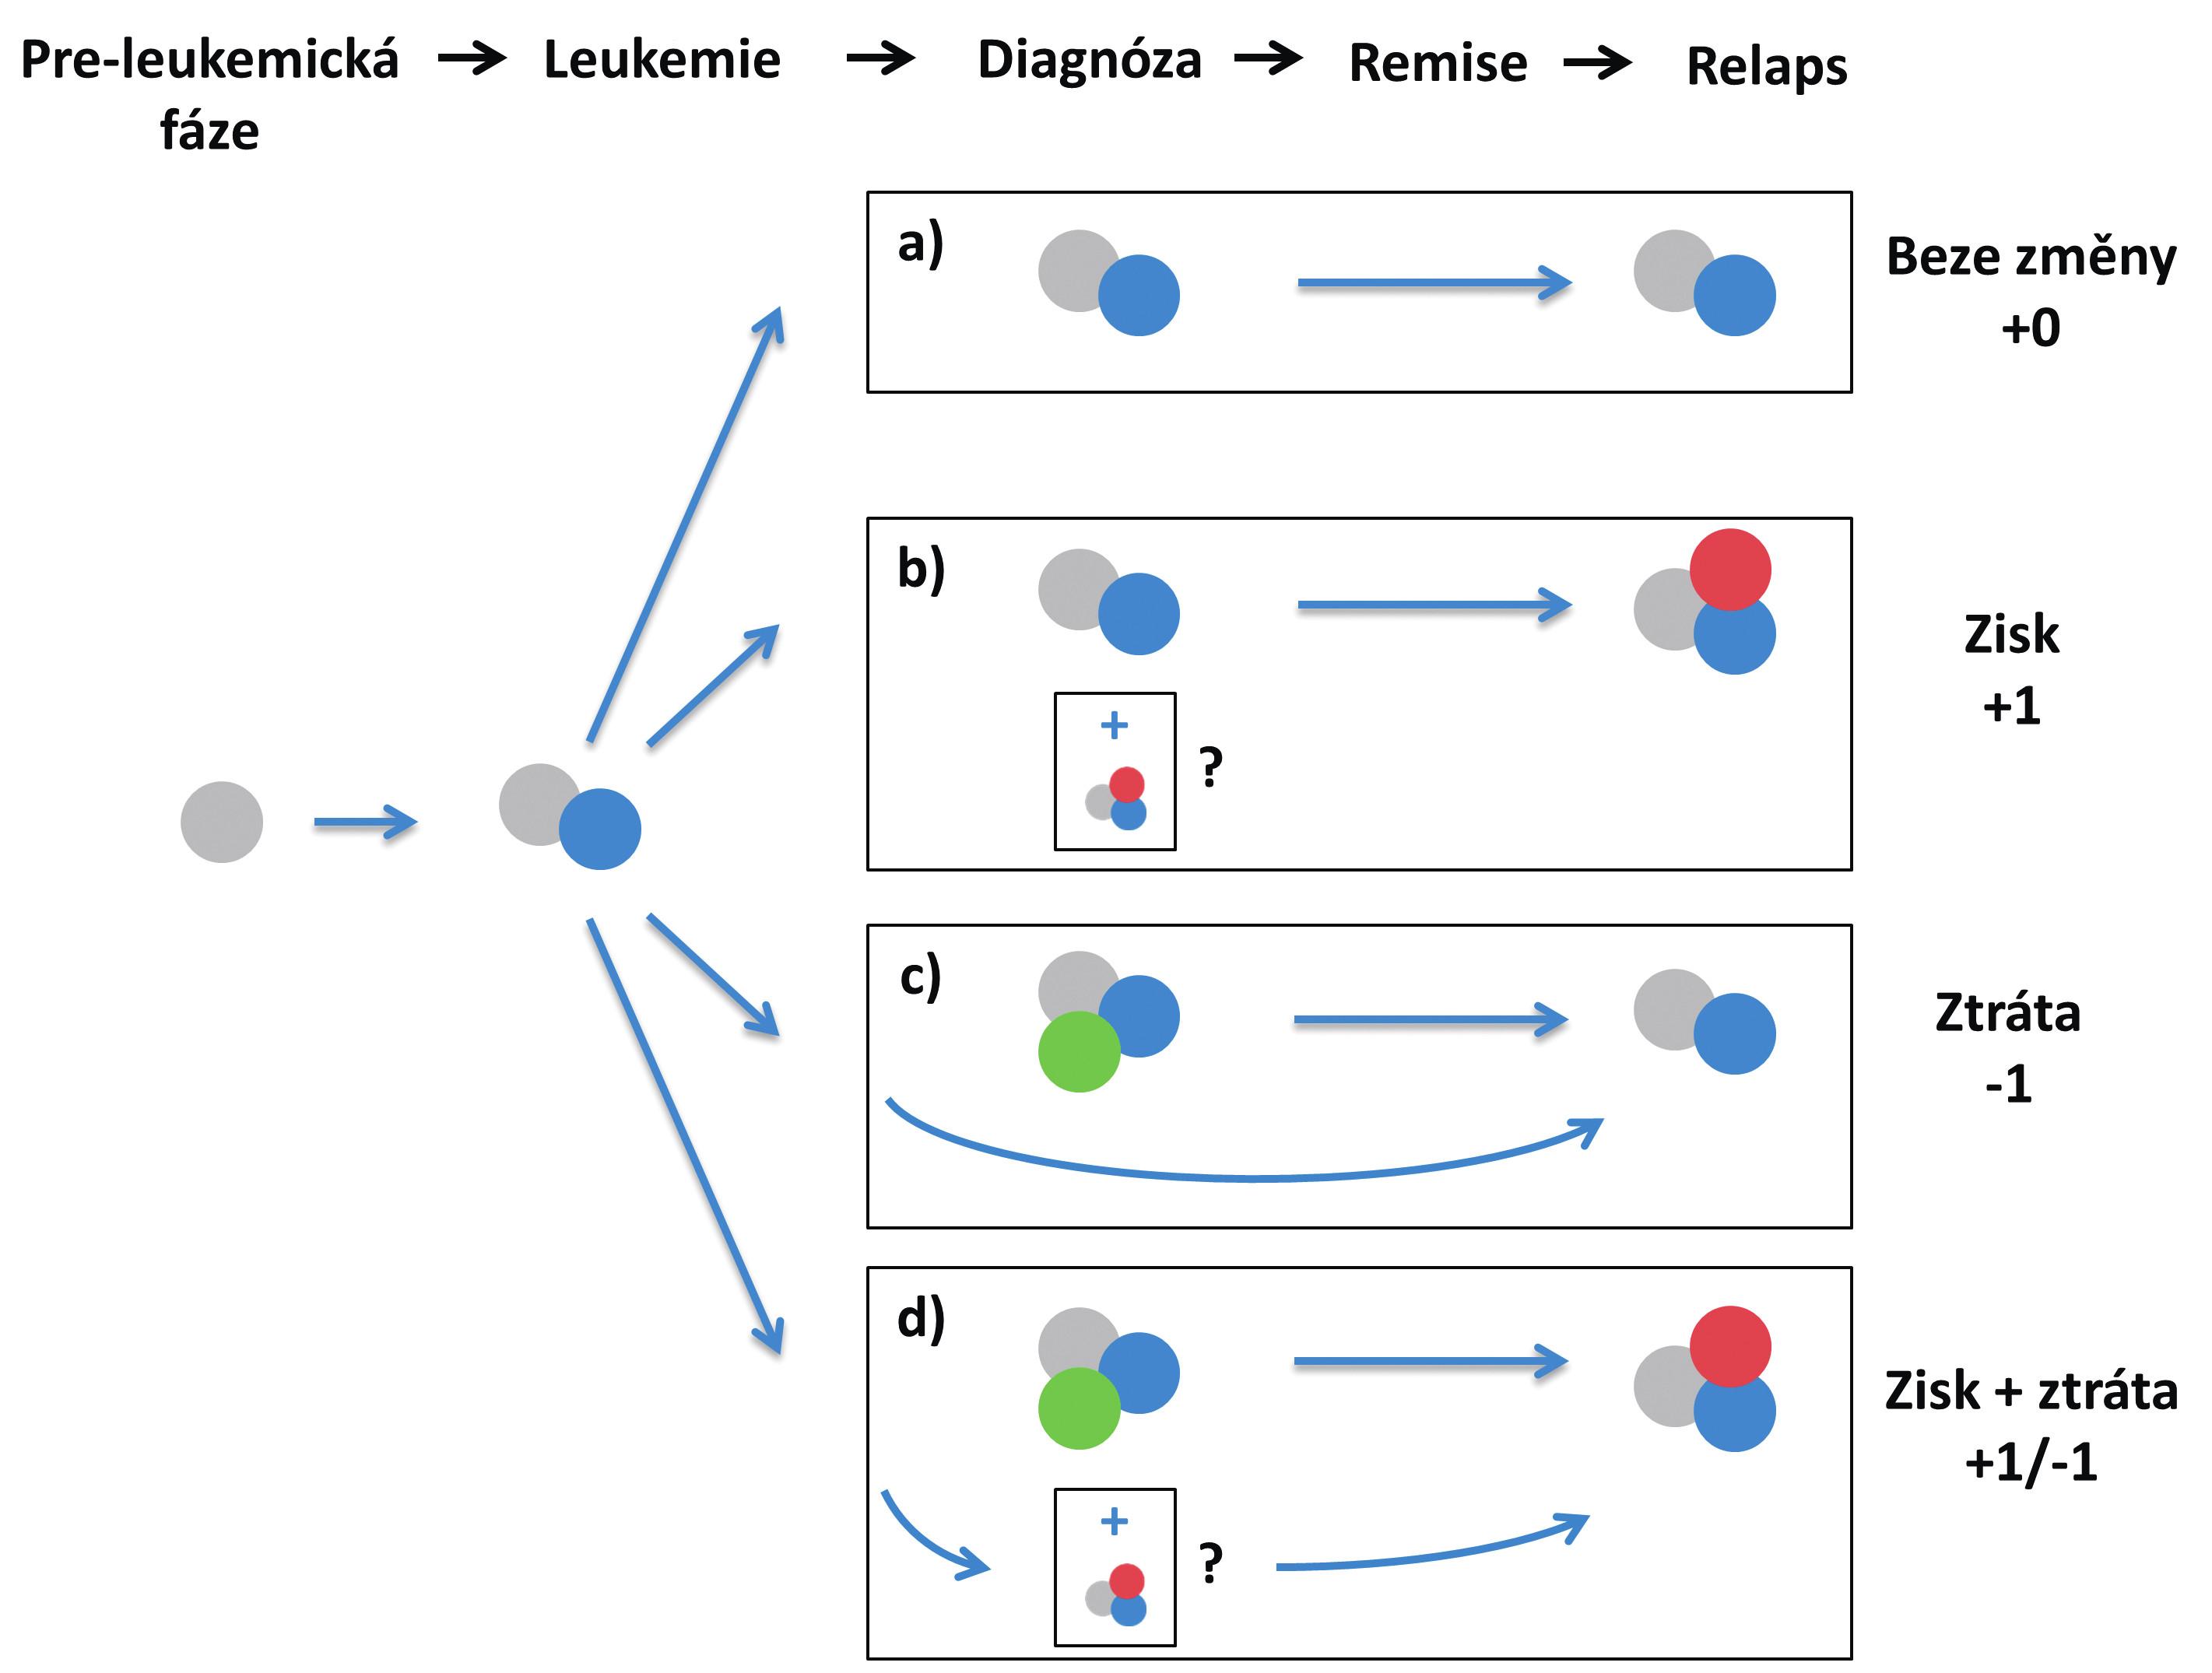 Scénáře relapsu na základě zisku/ztráty mutací a) relaps hlavního diagnostického klonu, bez zisku/ztráty mutací; b) zisk mutace v relapsu; c) ztráta mutace v relapsu – dominantní diagnostický klon zaniká, relaps pochází z vývojově předcházejícího leukemického klonu; d) současná ztráta a zisk jiné mutace – dominantní diagnostický subklon zaniká, relaps pochází z vývojově předcházejícího leukemického klonu V případech b) a d) se může jednat o evoluci nového leukemického subklonu během léčby nebo po léčbě, nebo o nárůst minoritního subklonu, který byl již přítomen v době diagnózy.